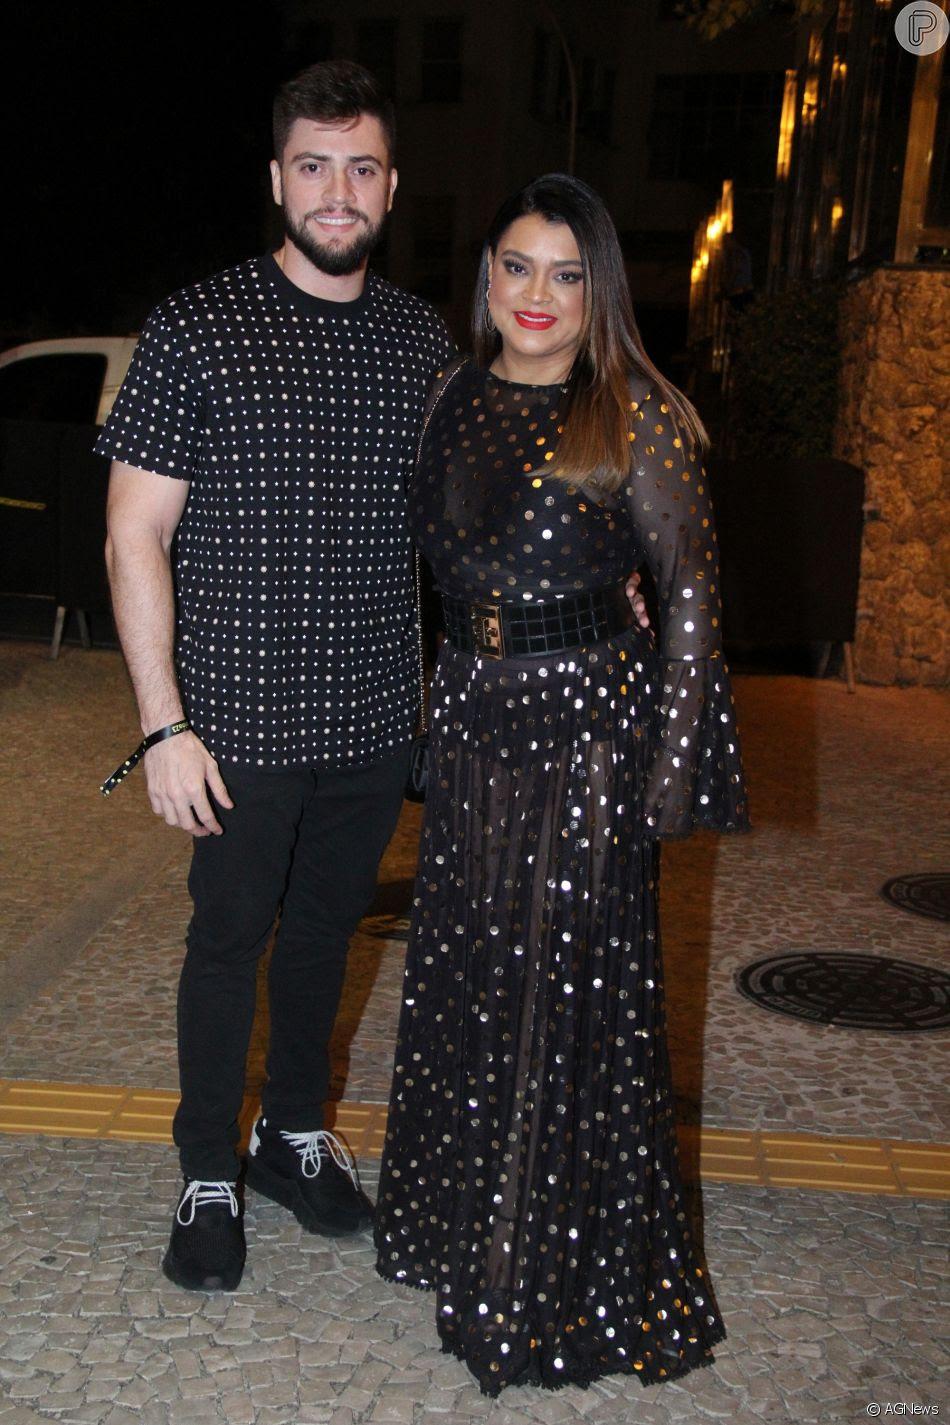 Preta Gil e o marido, Rodrigo Godoy, marcaram presença no aniversário de Marina Ruy Barbosa na noite deste sábado, 30 de junho de 2018